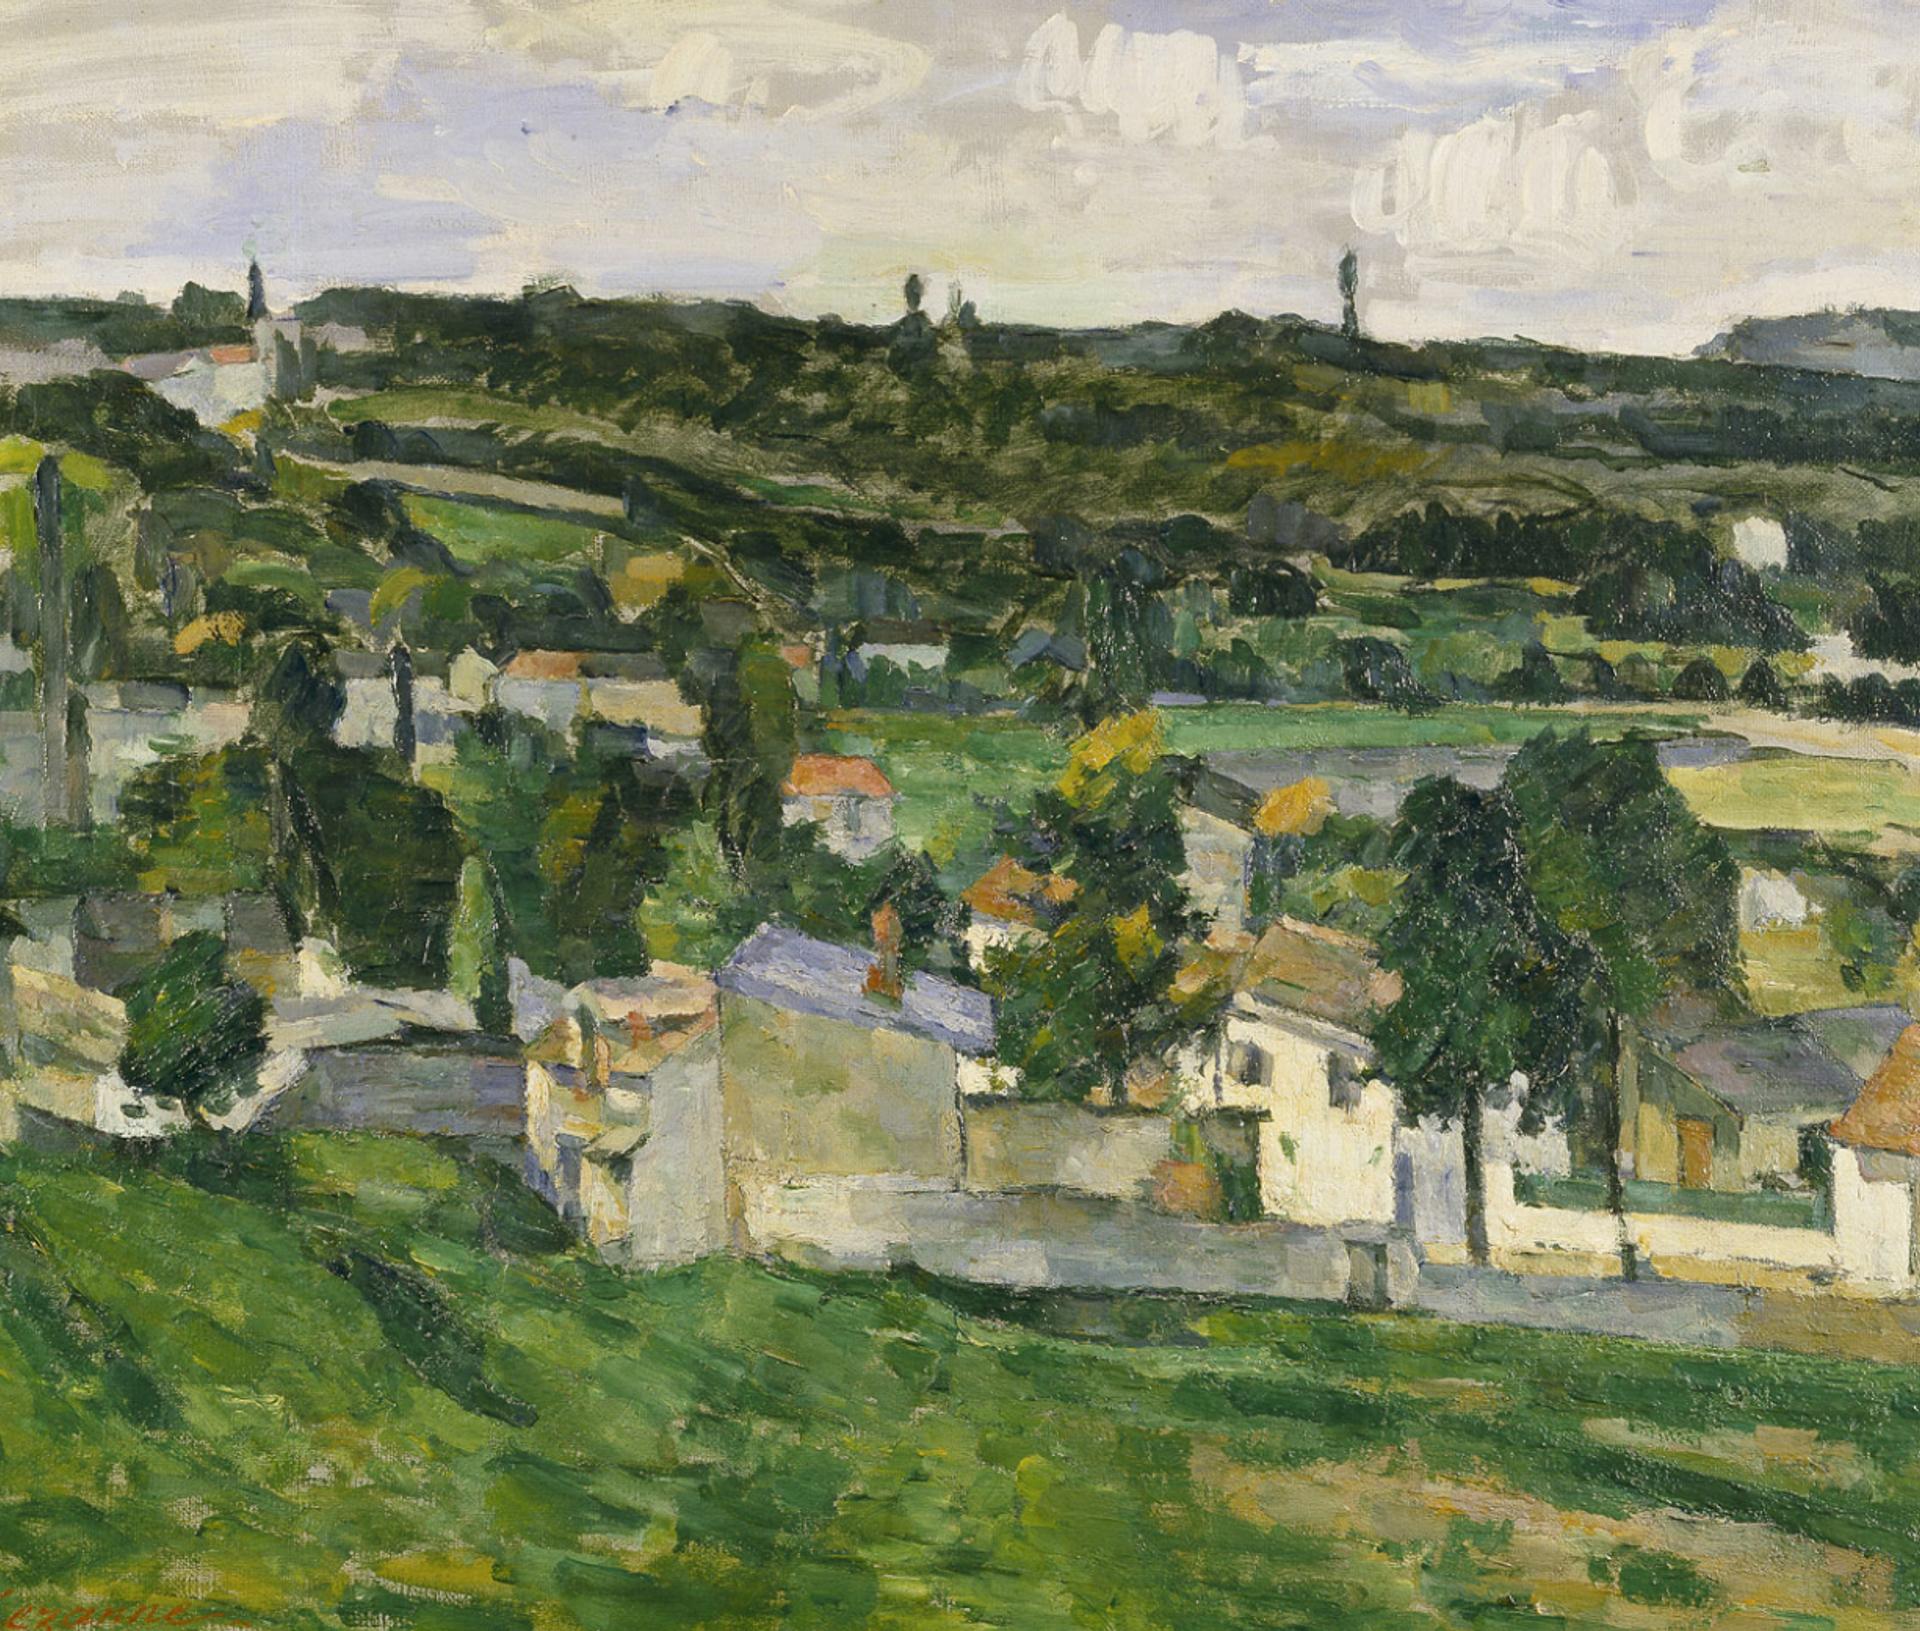 Cézanne's View of Auvers-sur-Oise (1879-80)